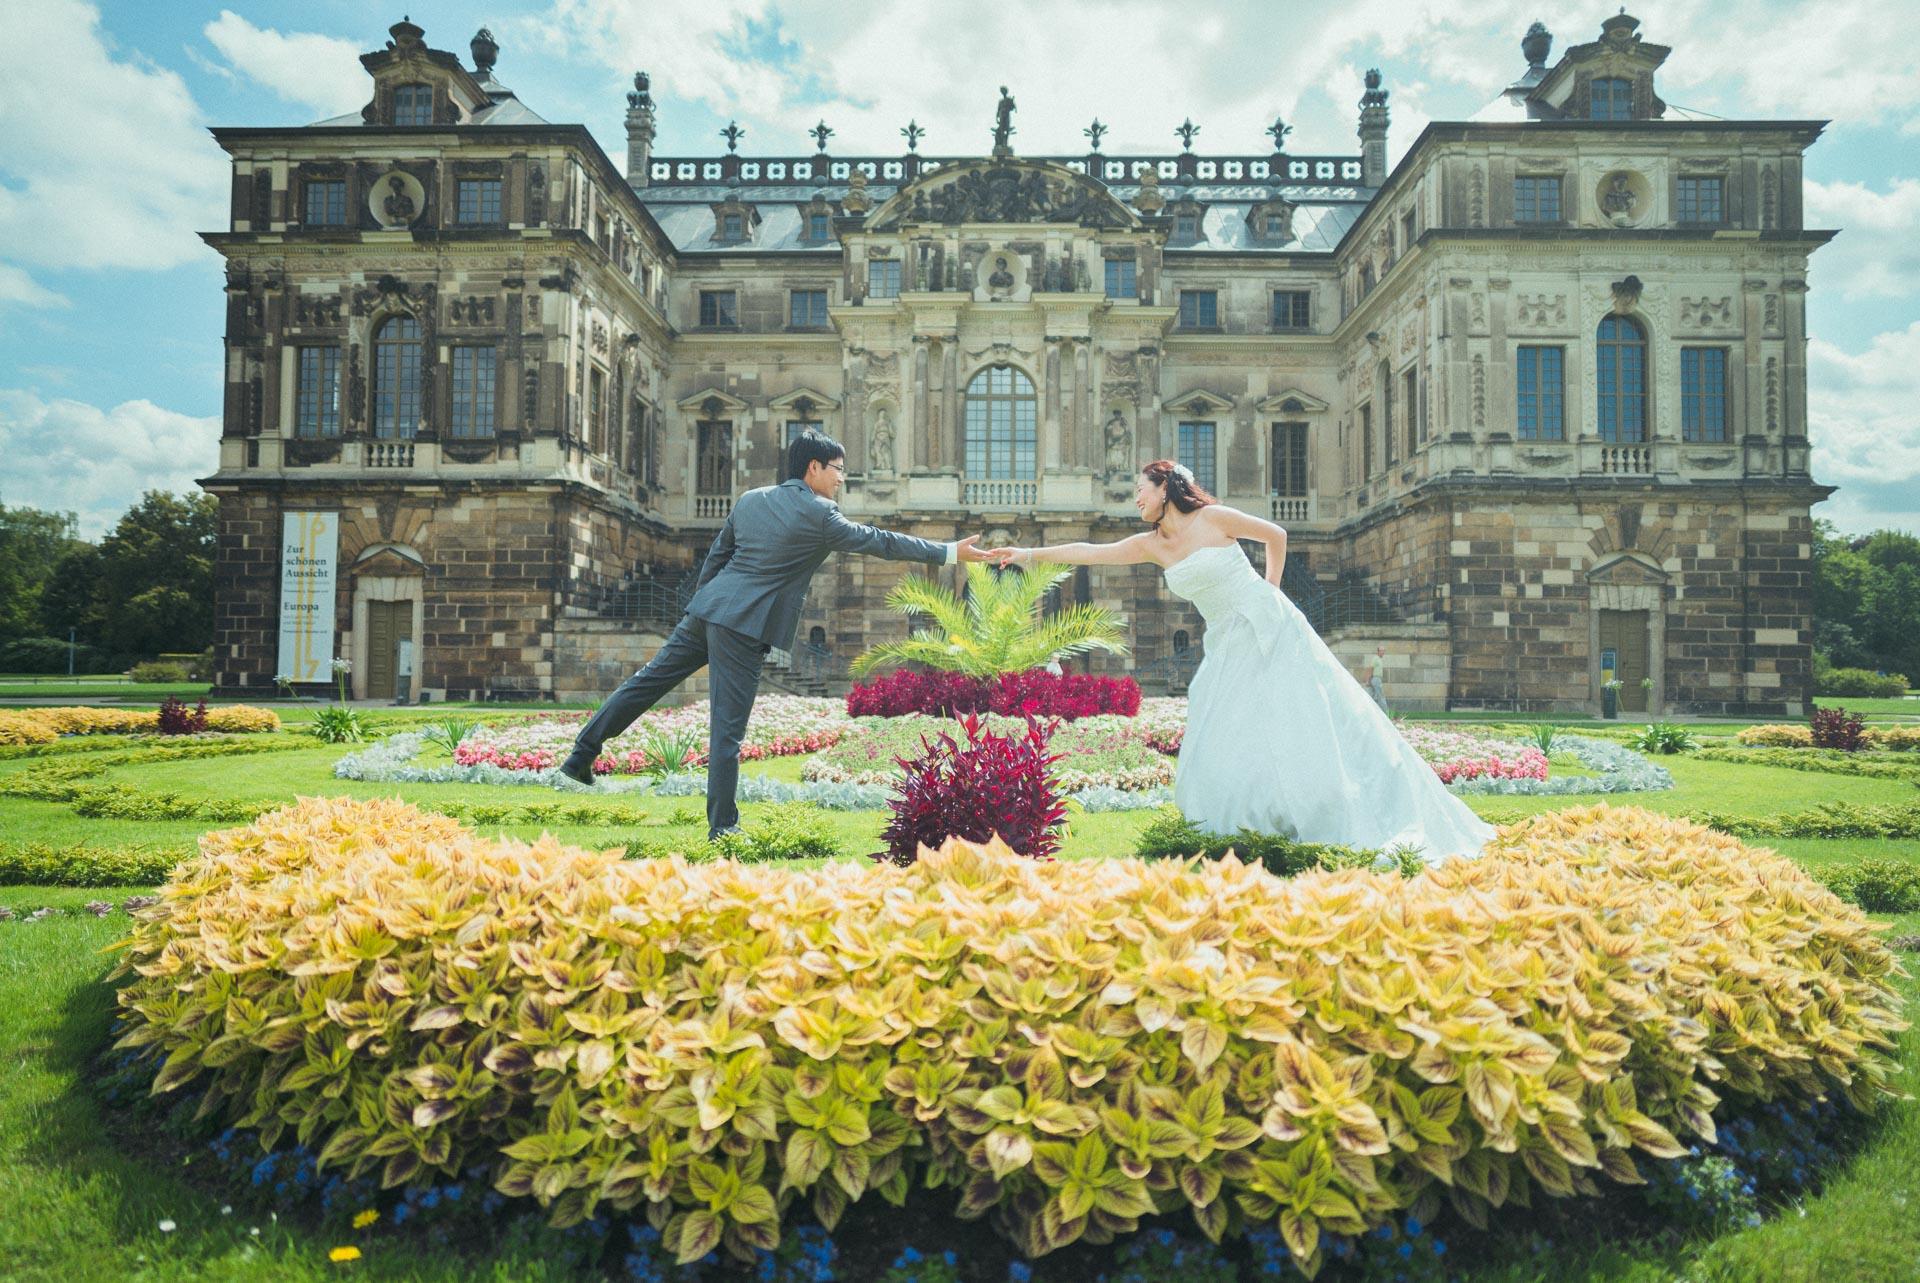 Hochzeitsfotograf Dresden - Grosser Garten Hochzeitsfotografie